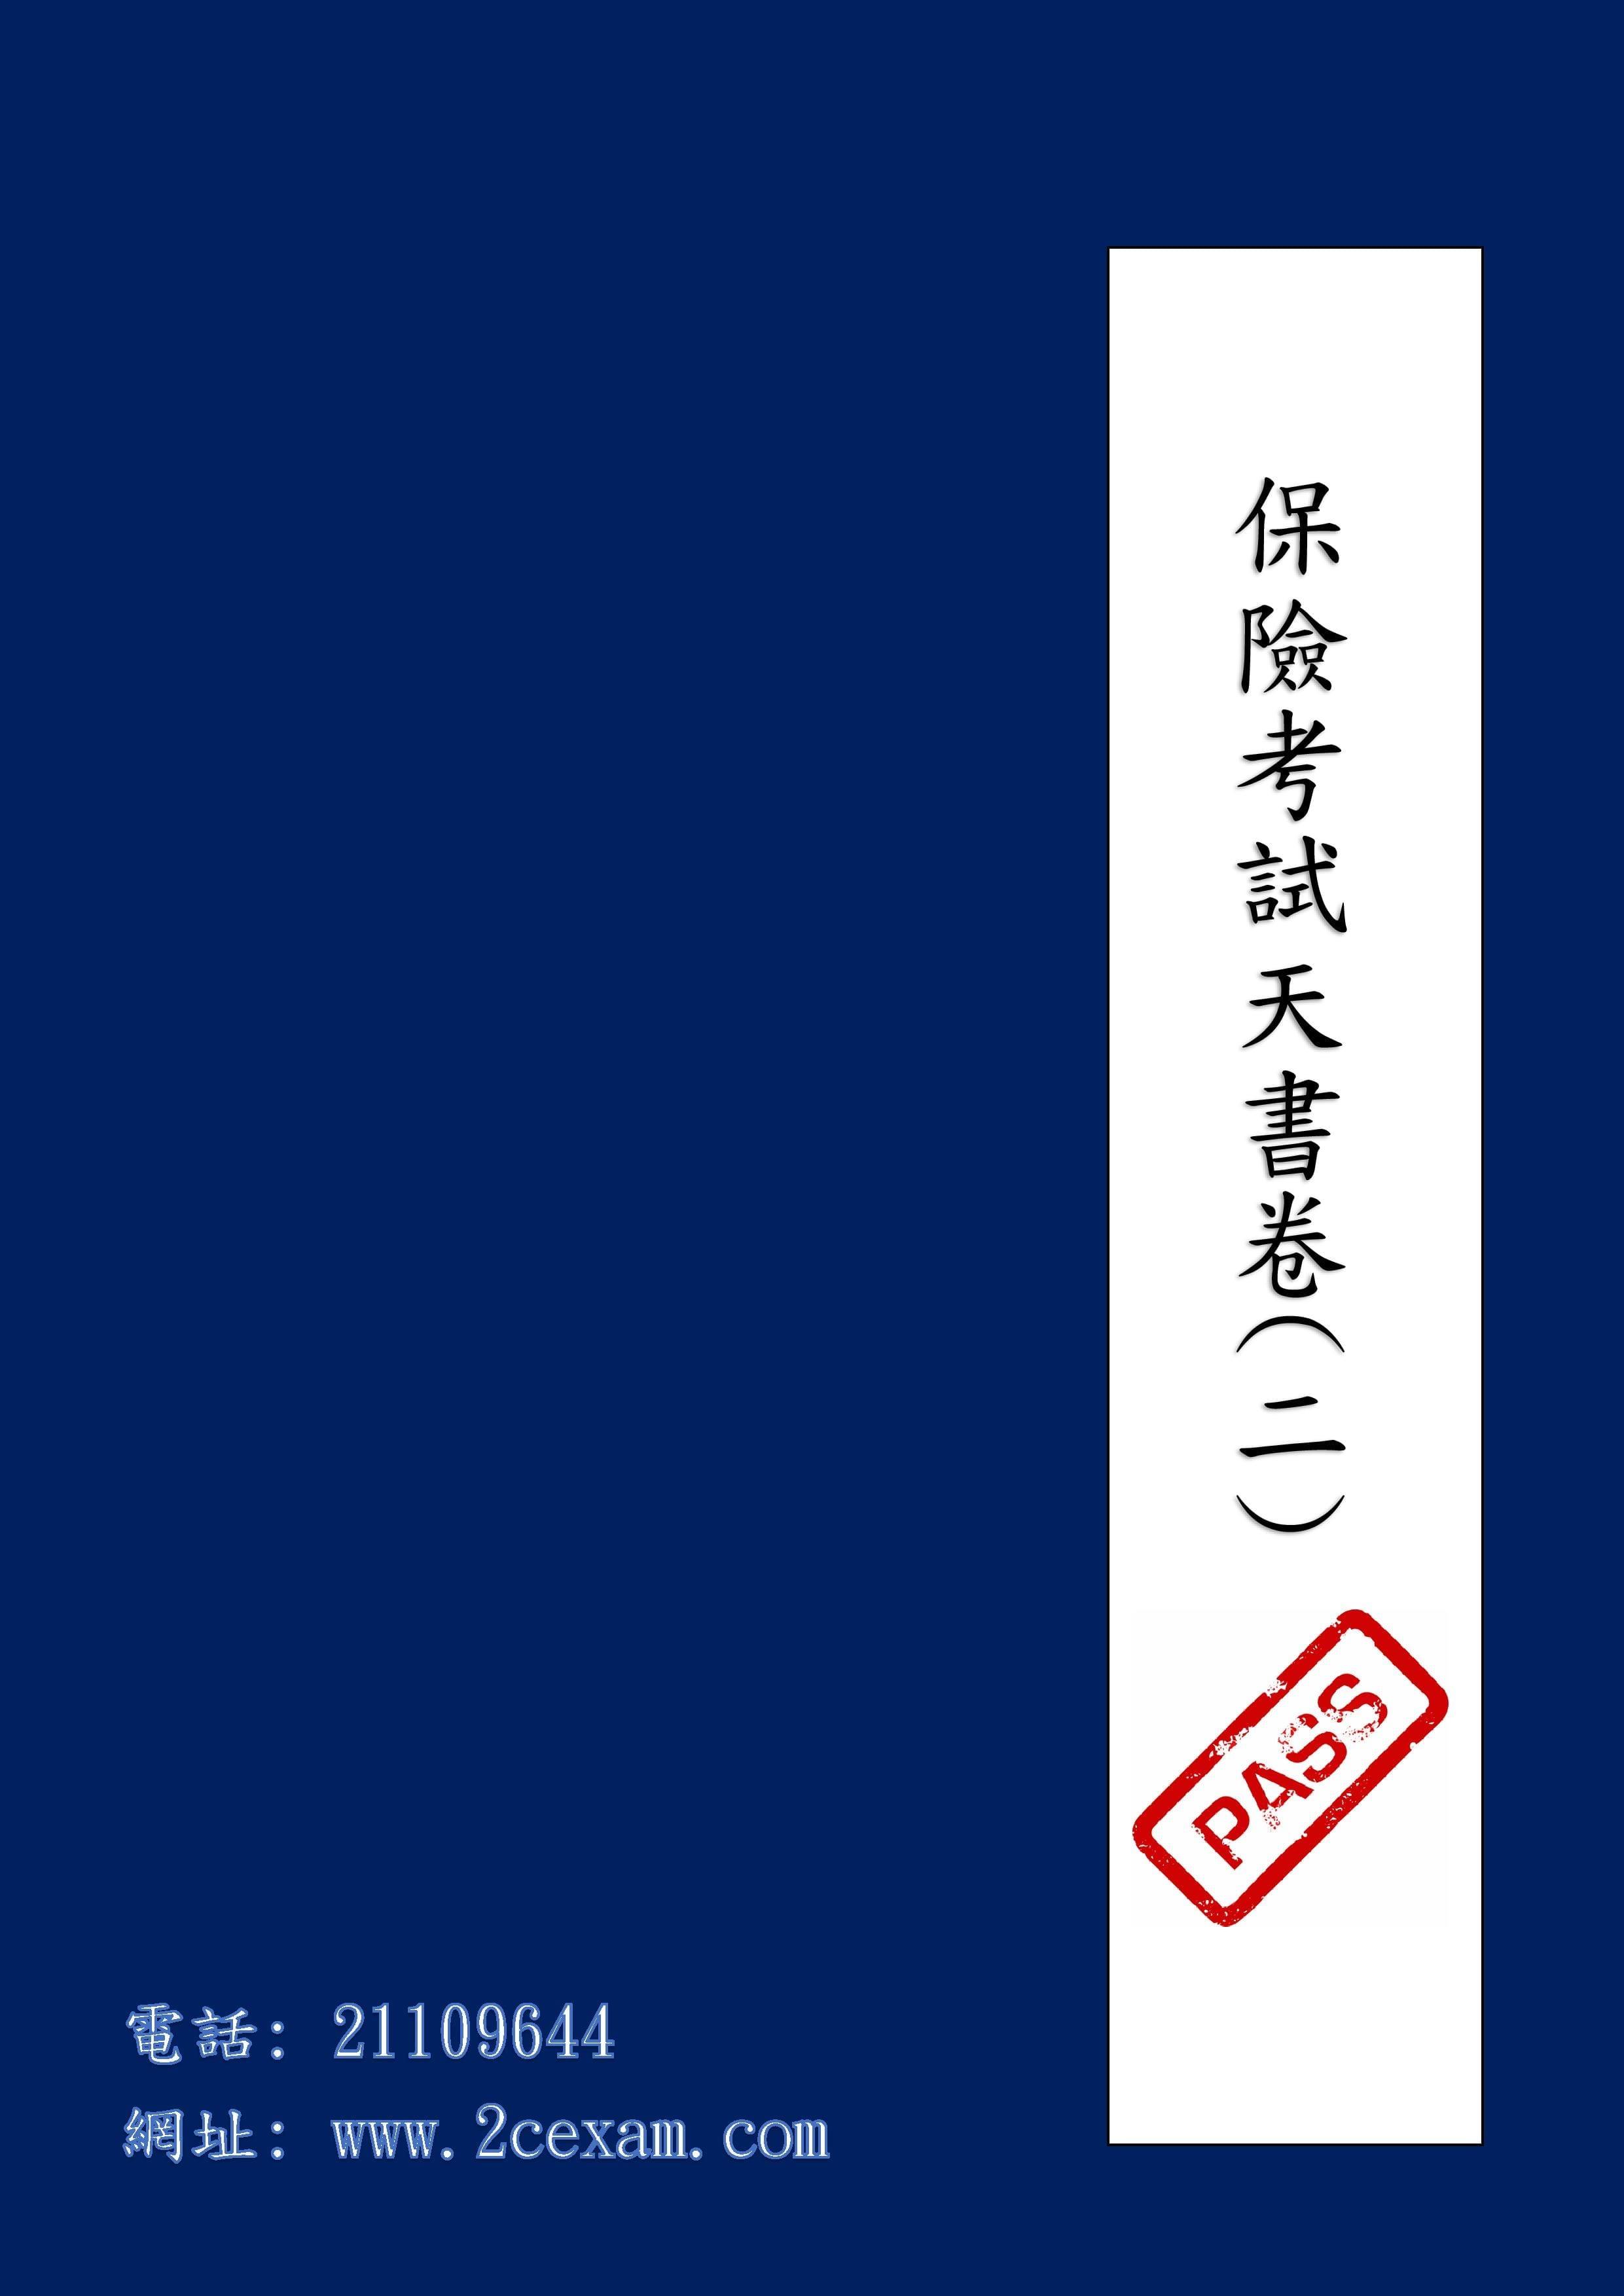 保險考試天書卷(二) iiqe paper 2 study notes